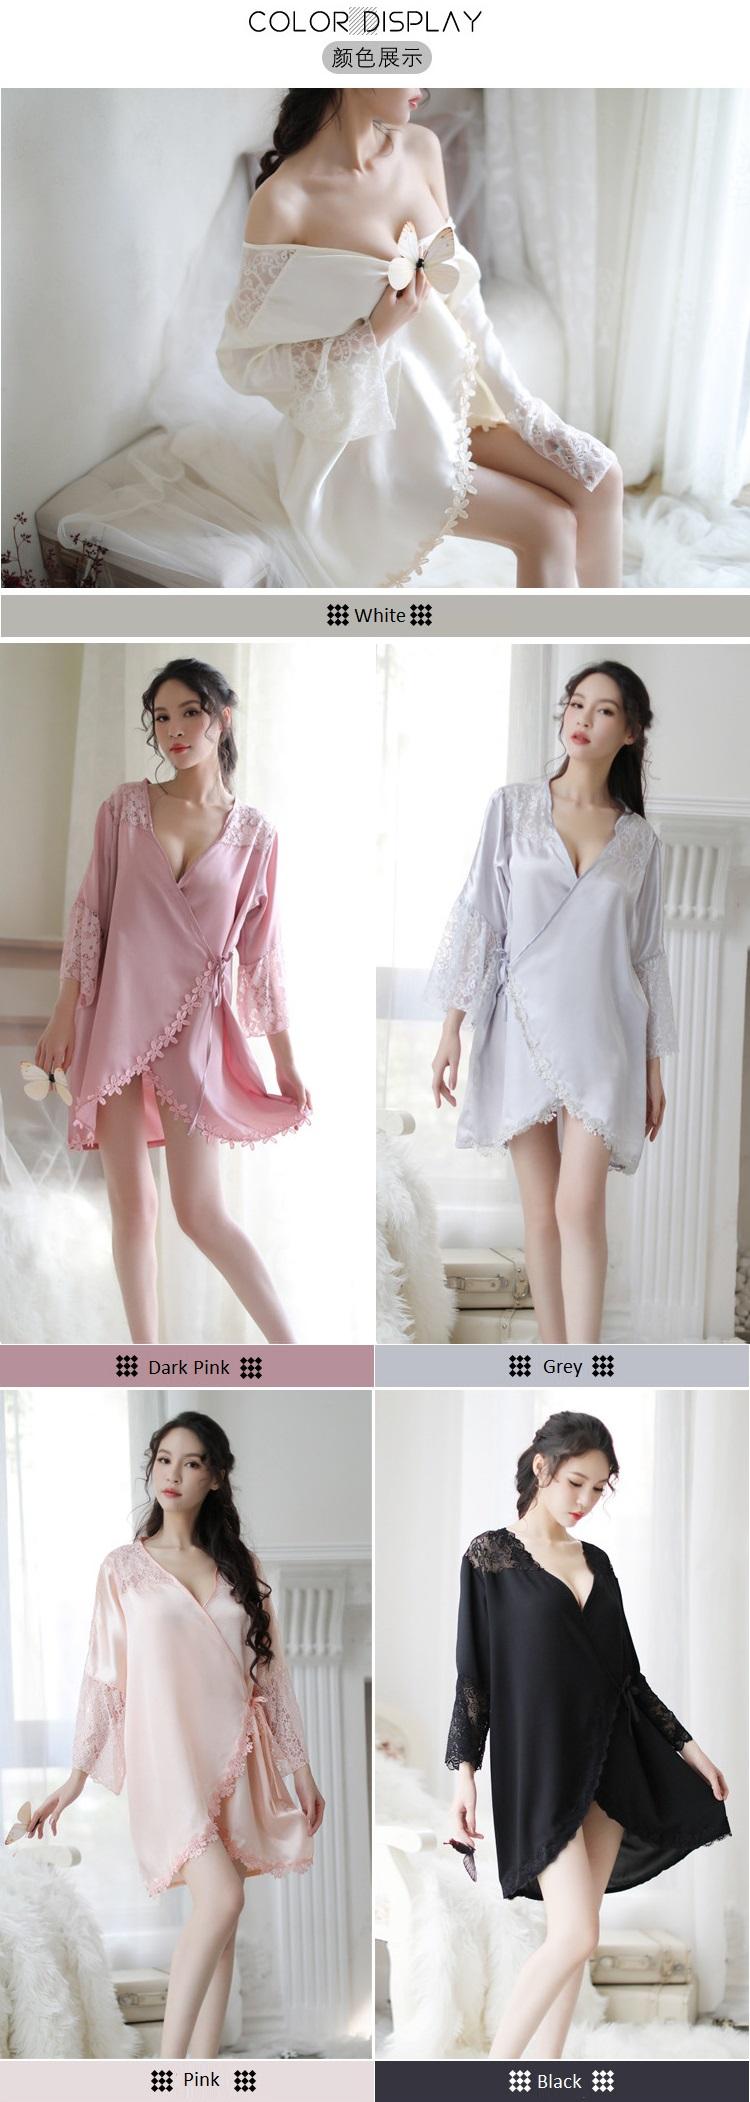 New Style Large Size Lace Silky Pyjamas PJ014